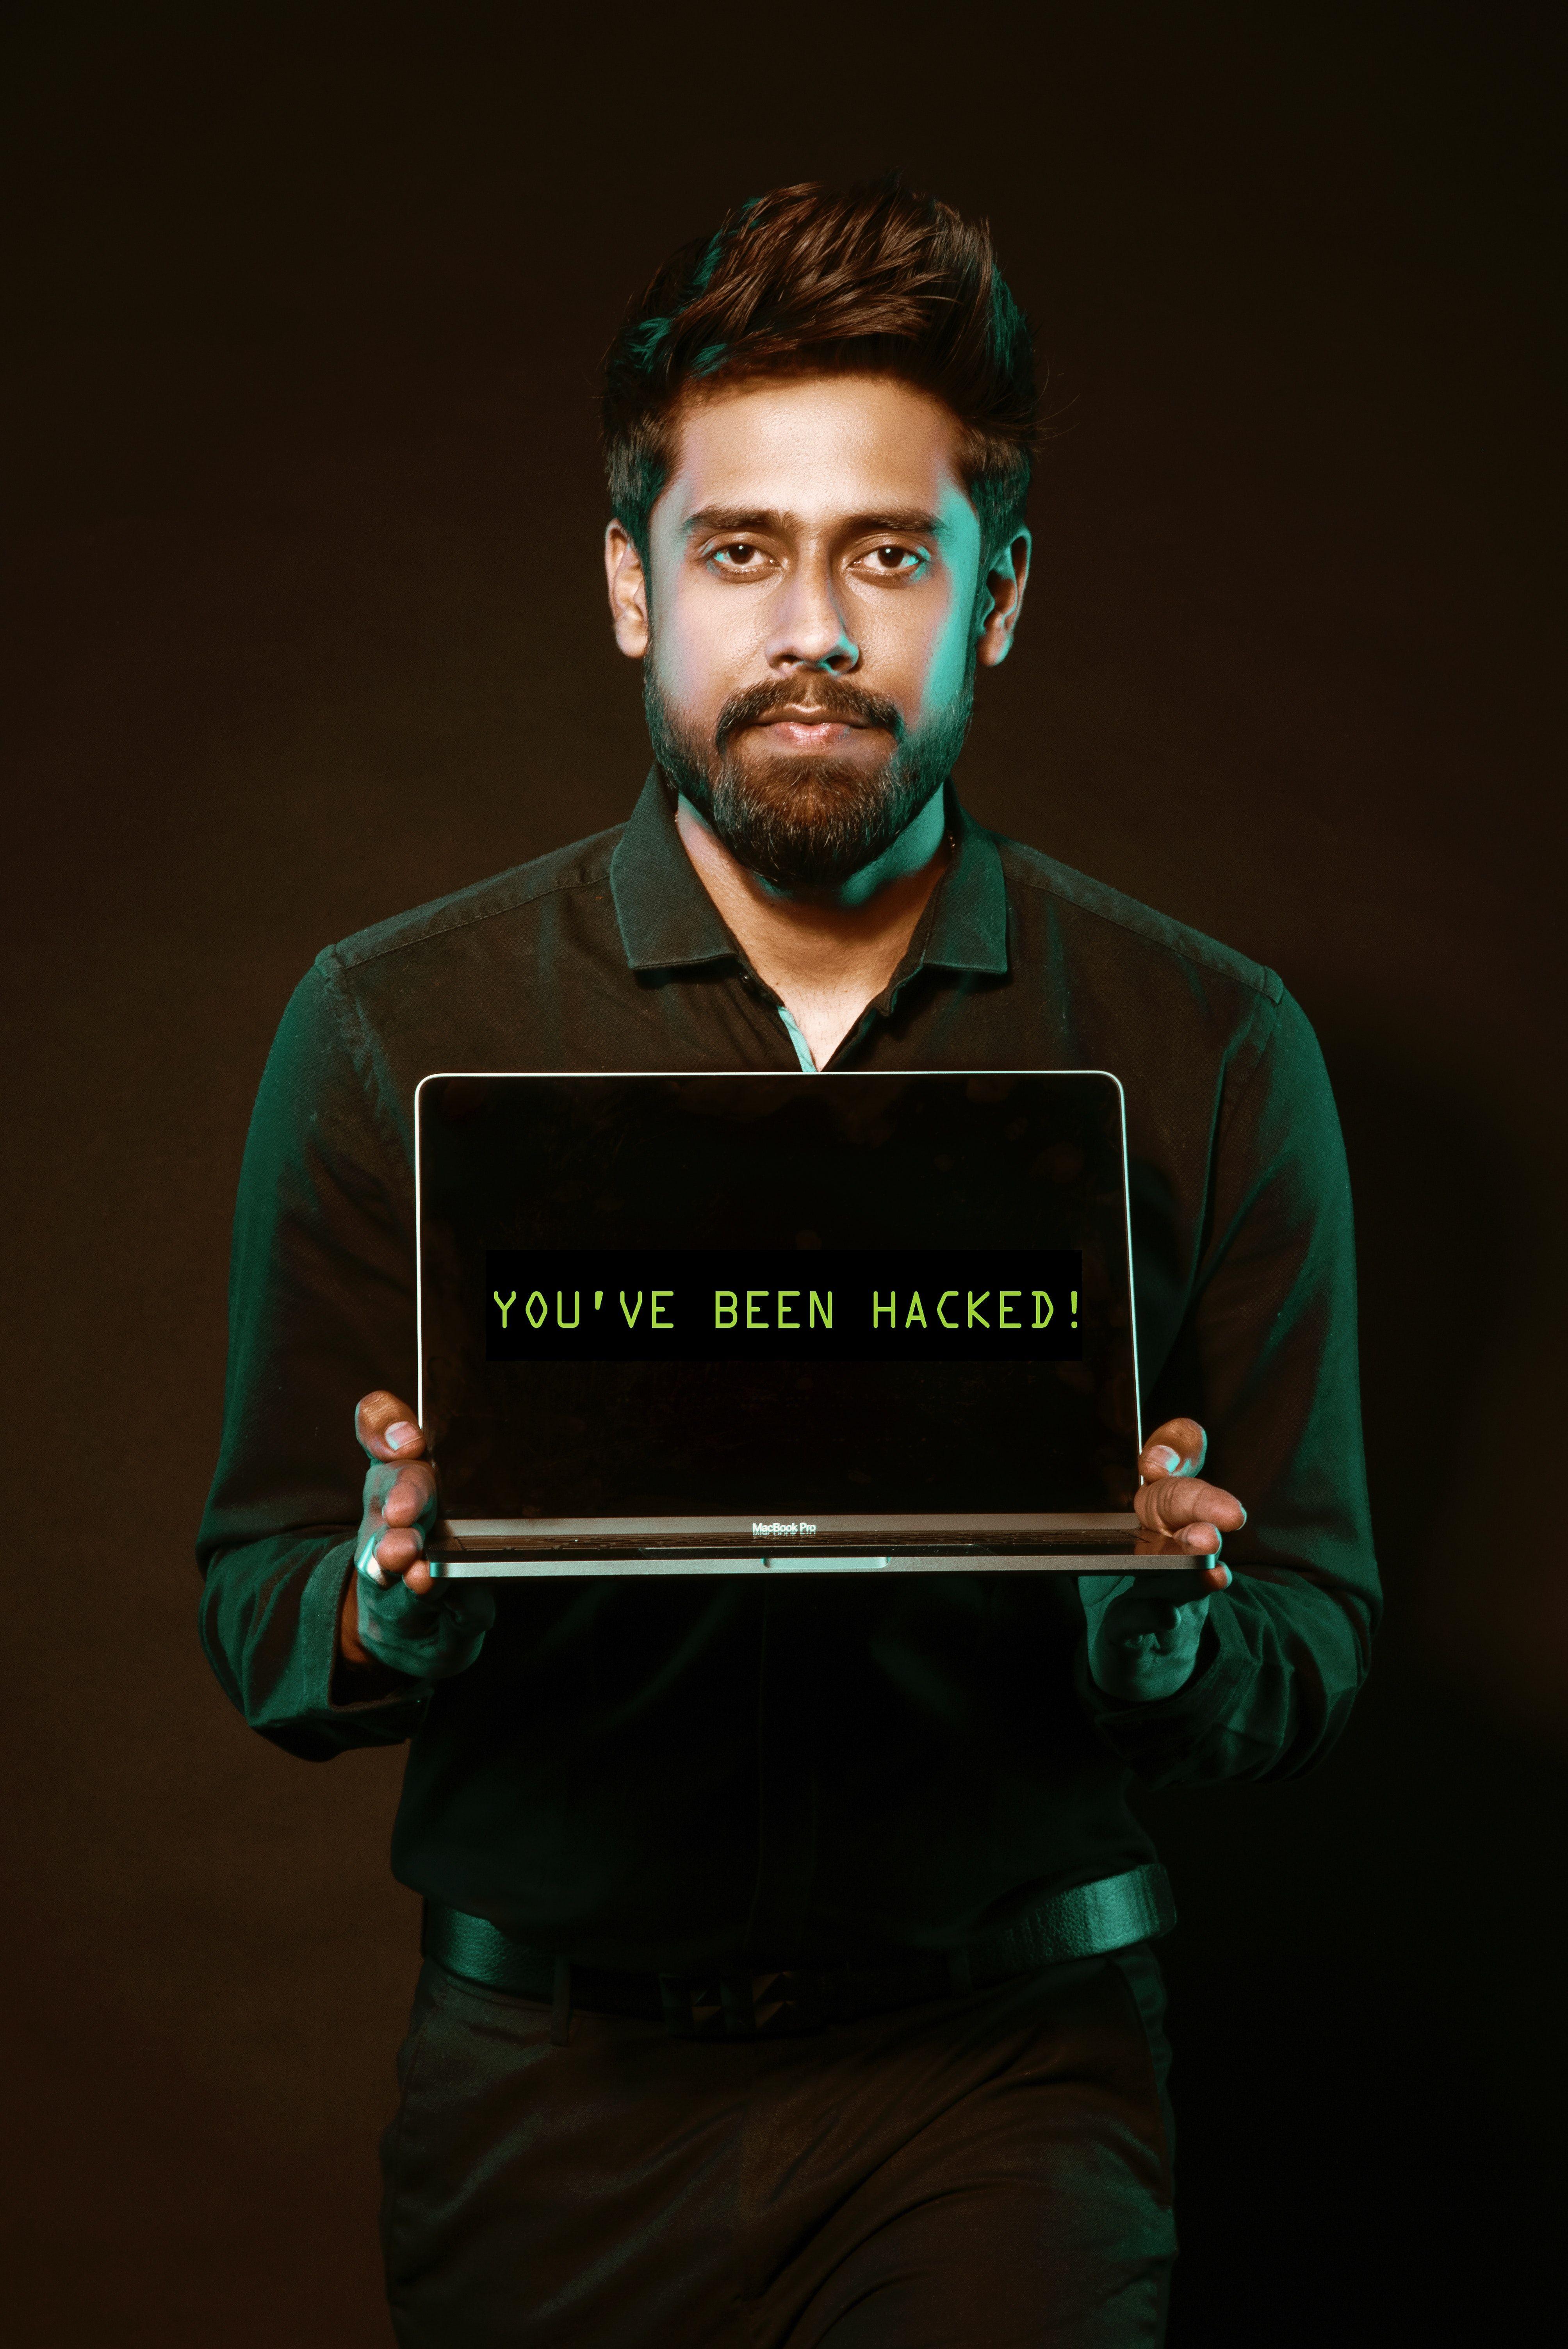 हैकिंग उपकरण, प्रकार, ट्यूटोरियल,नोट्स हिंदी में Cyber